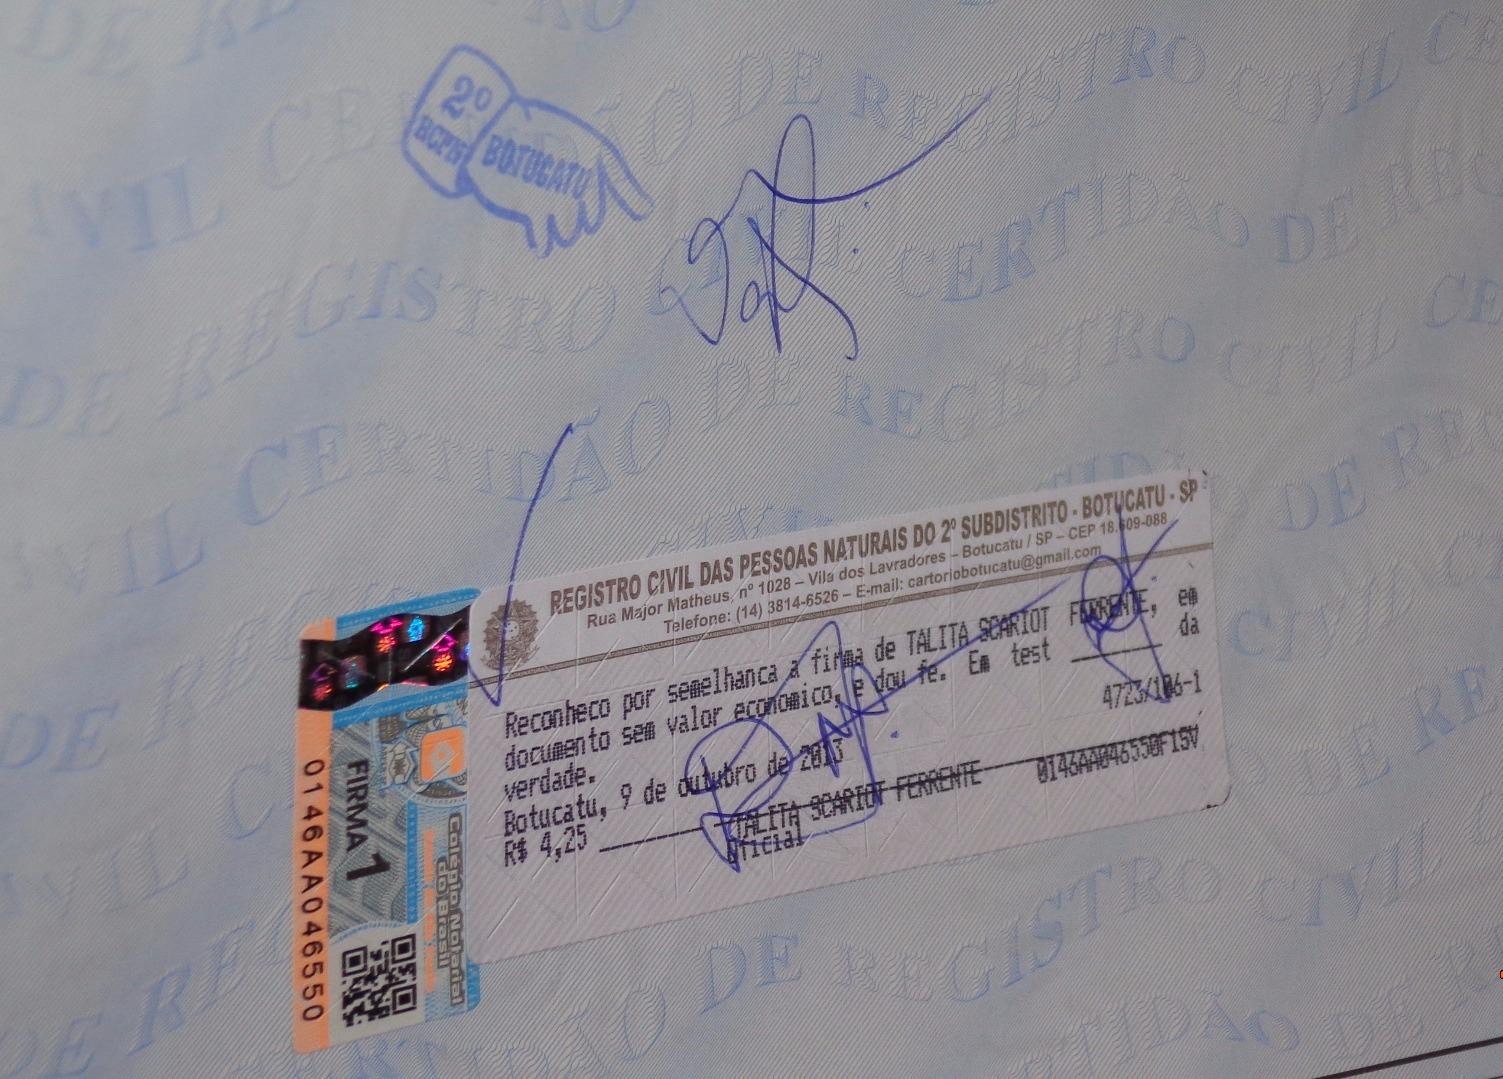 Entrou em vigor: Lei que dispensa autenticar cópias e reconhecer firma no serviço público